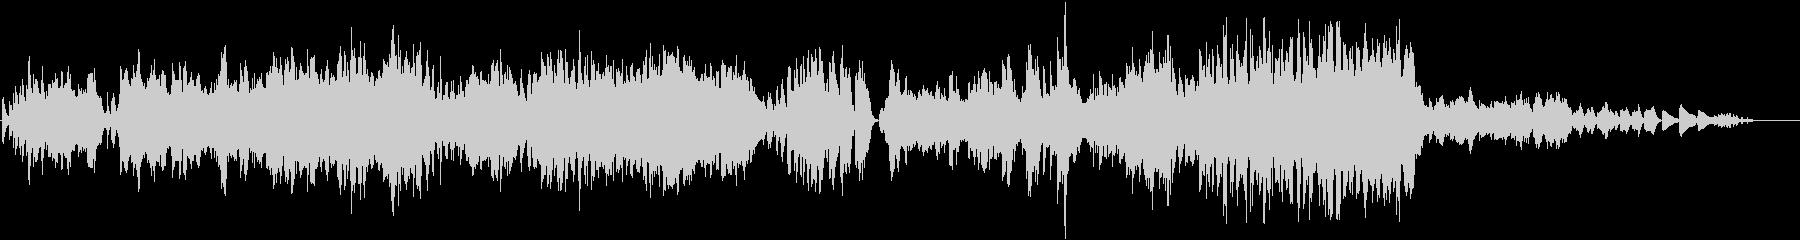 転調が非常に印象的でかっこいいピアノソロの未再生の波形